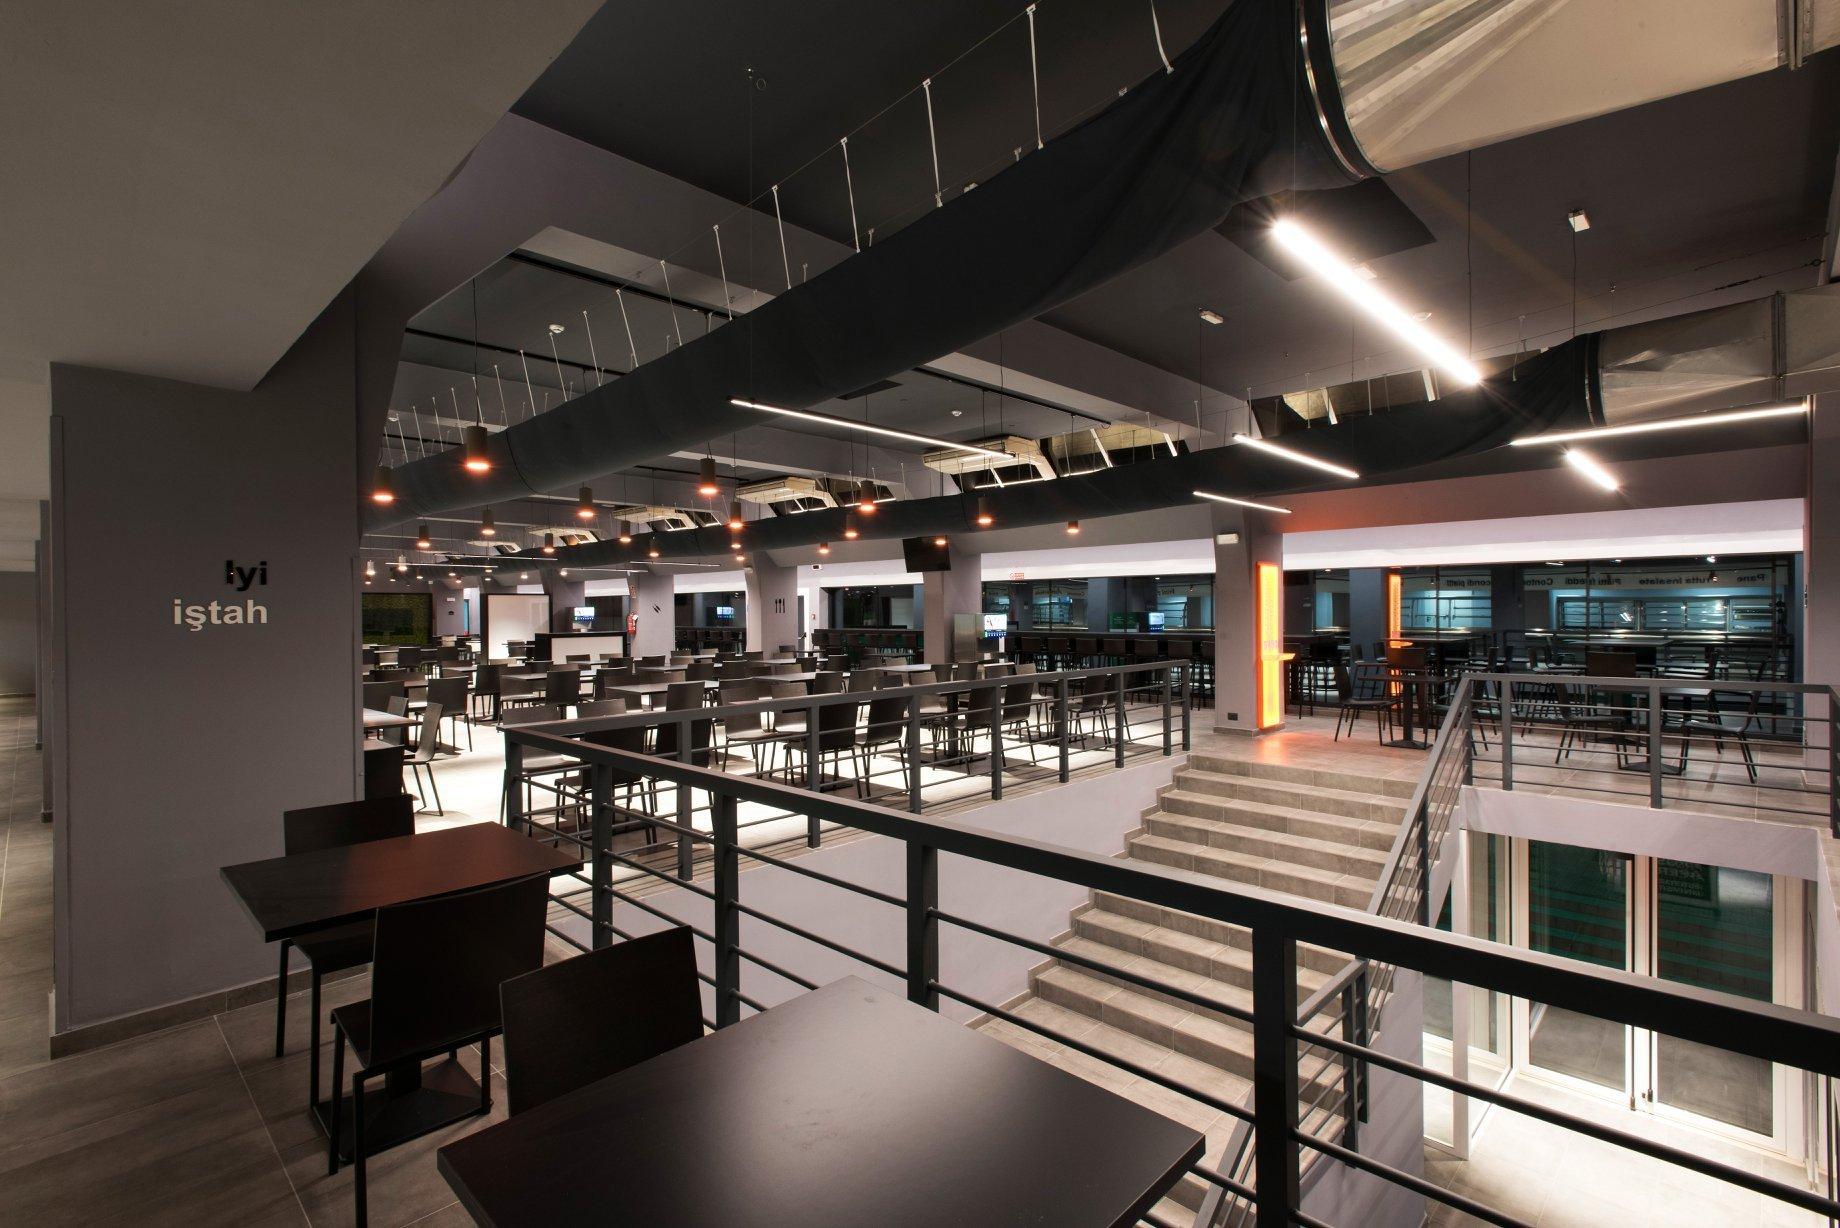 Progetti u e interni u e alberghi e ristoranti disano illuminazione spa